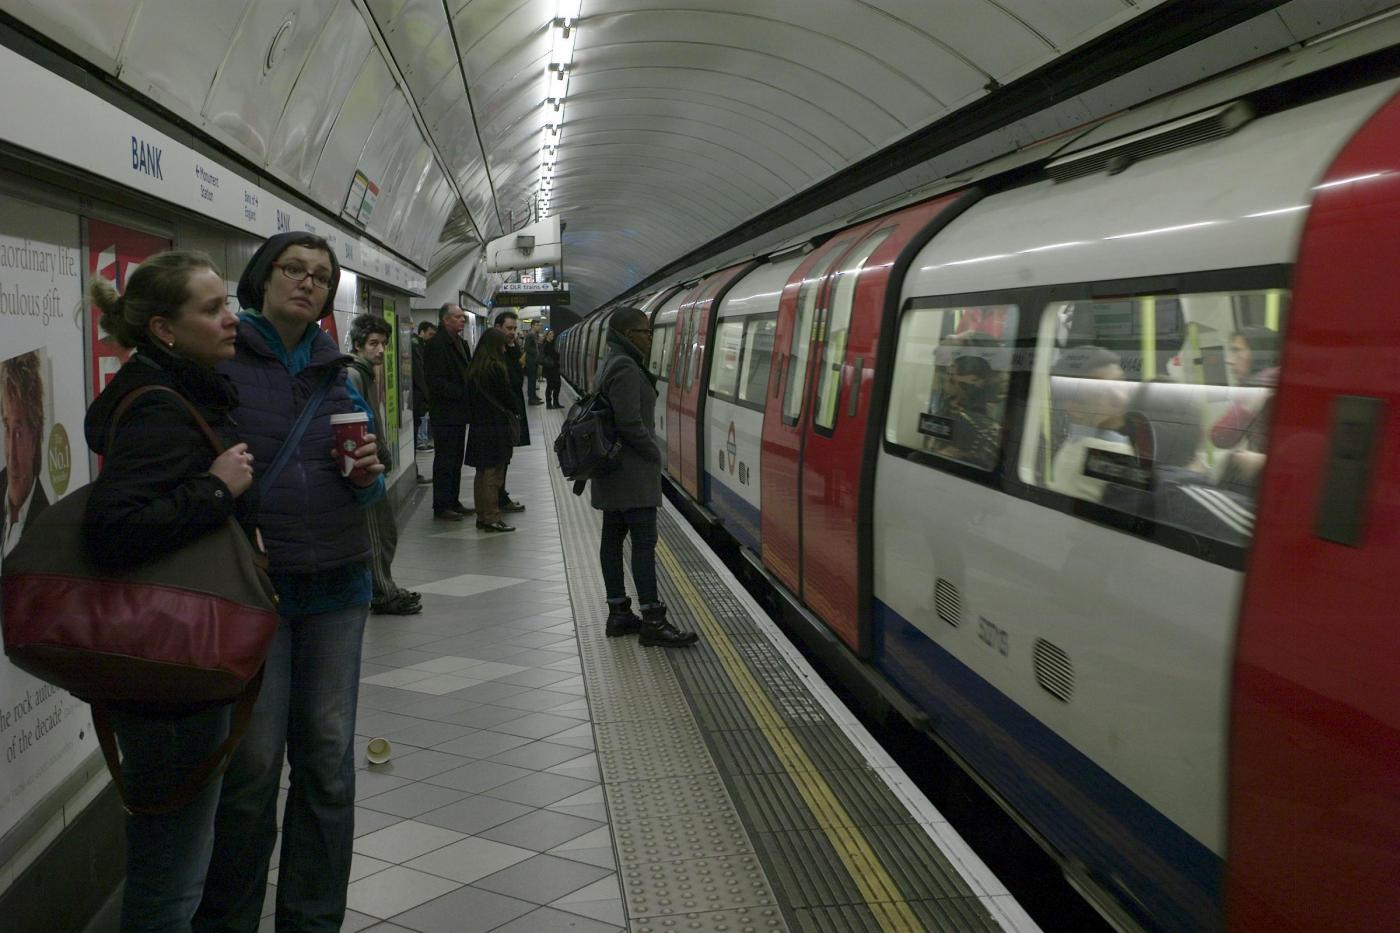 La Metro di Londra compie 150 anni08